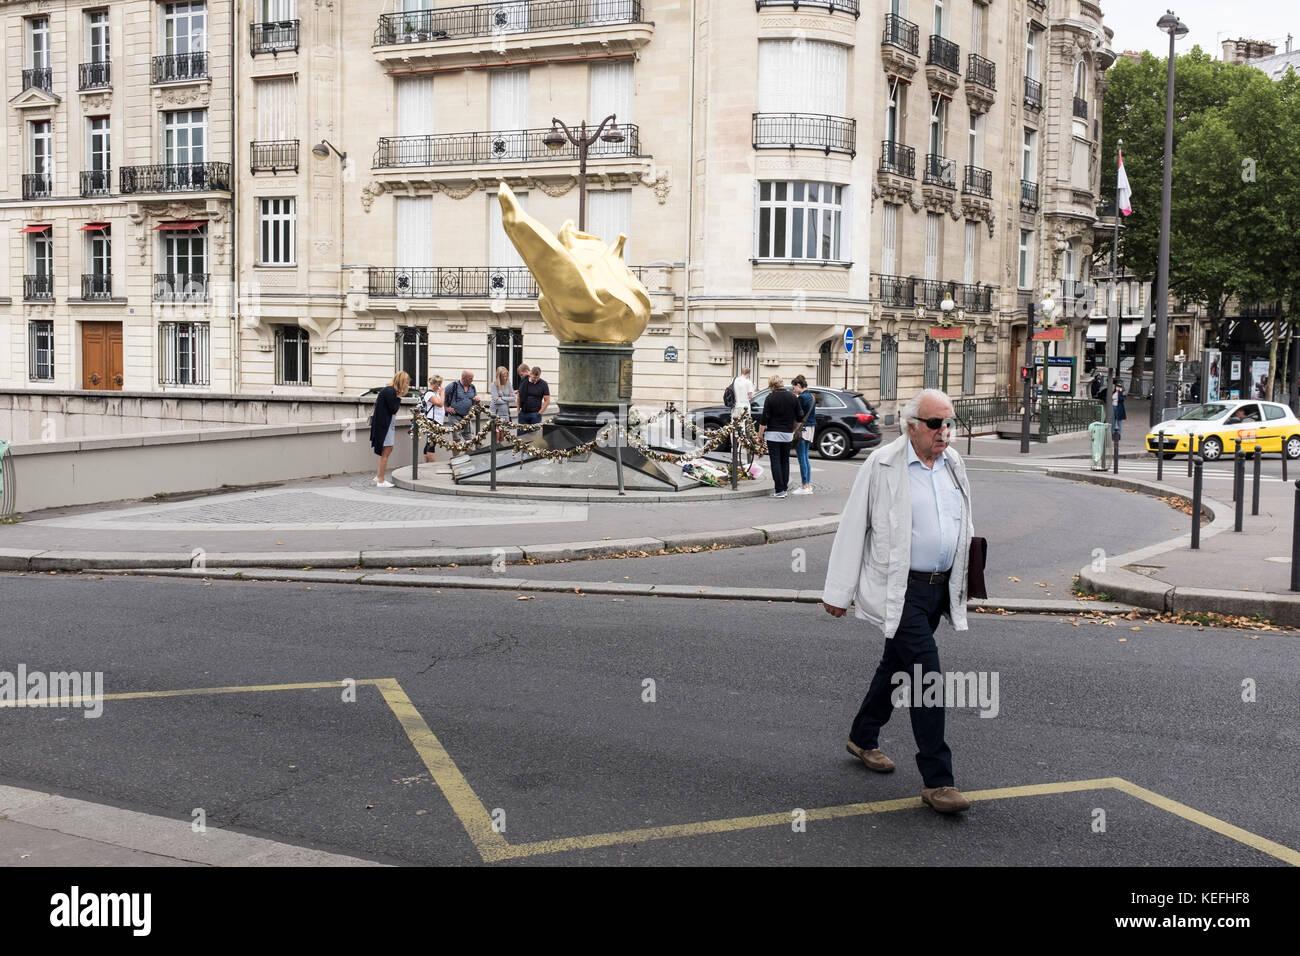 Visiteurs autour de la flamme de la liberté, à Paris, France Banque D'Images